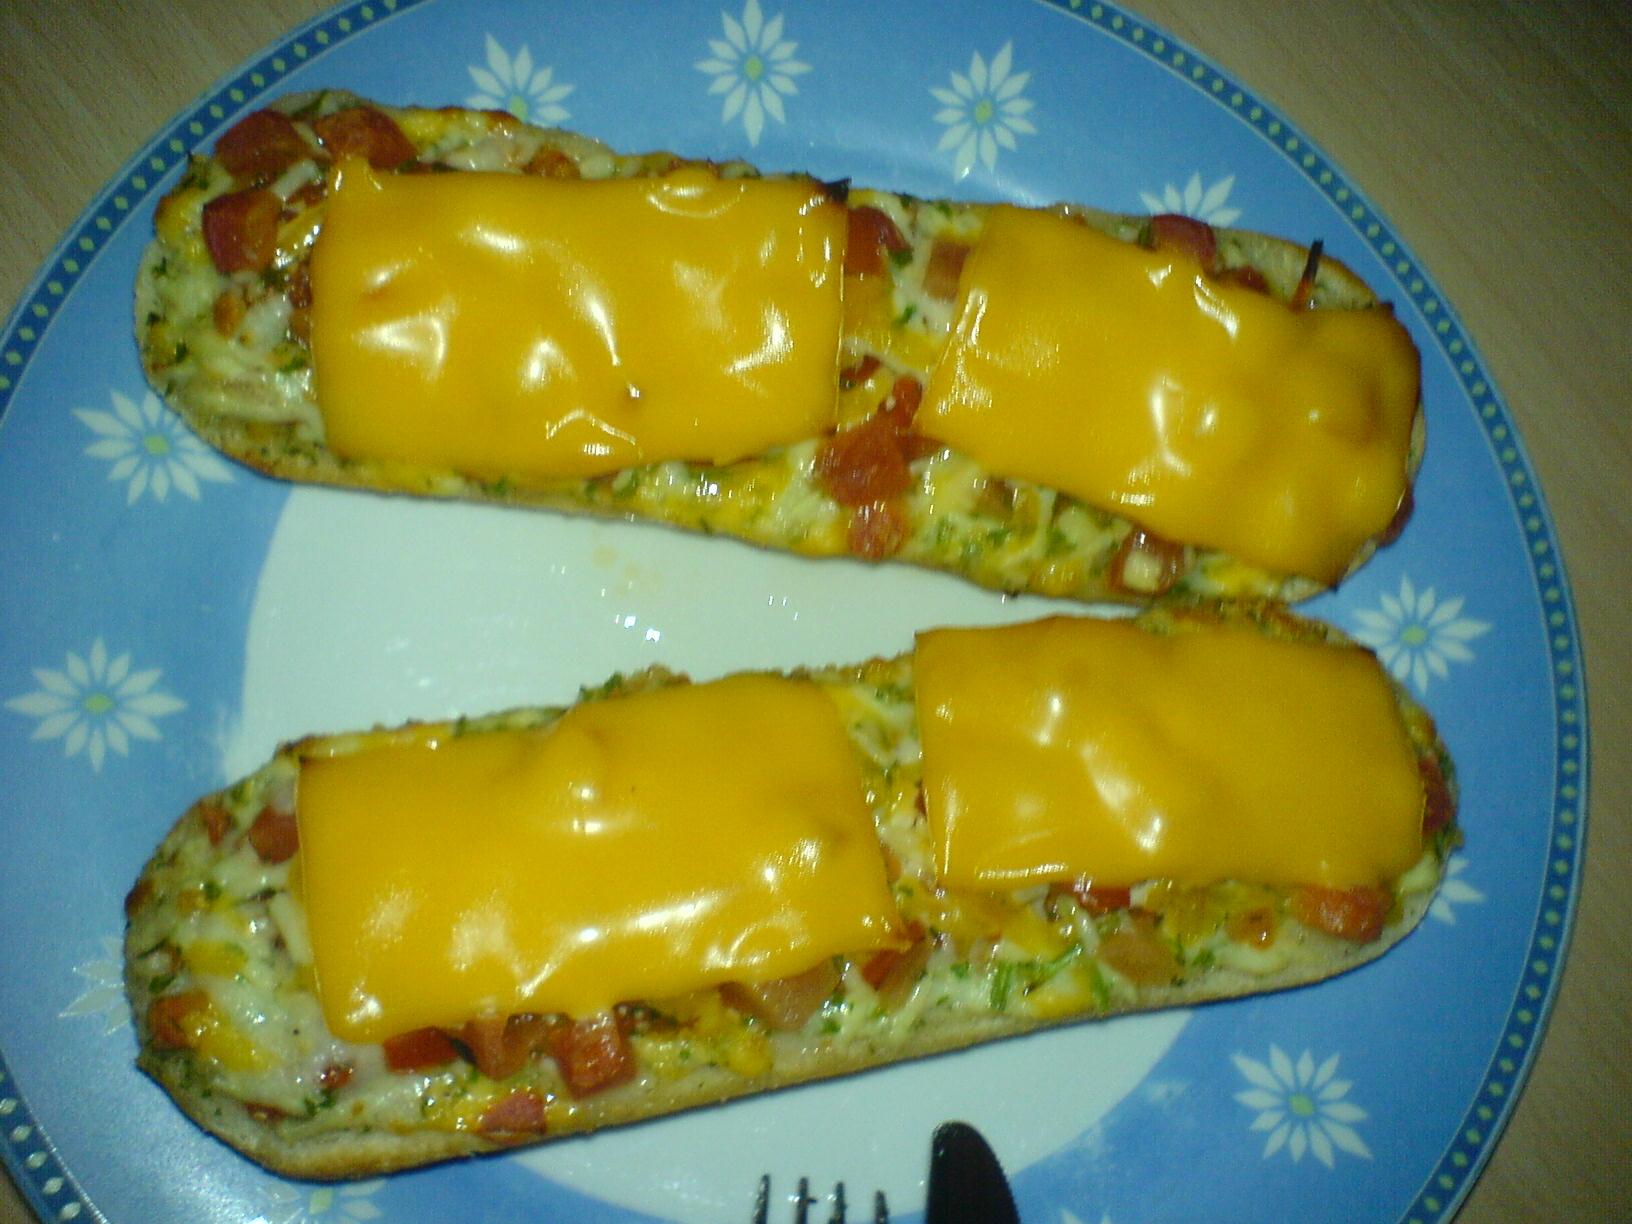 http://foodloader.net/Holz_2008-01-20_Bistro-Baguettes.jpg